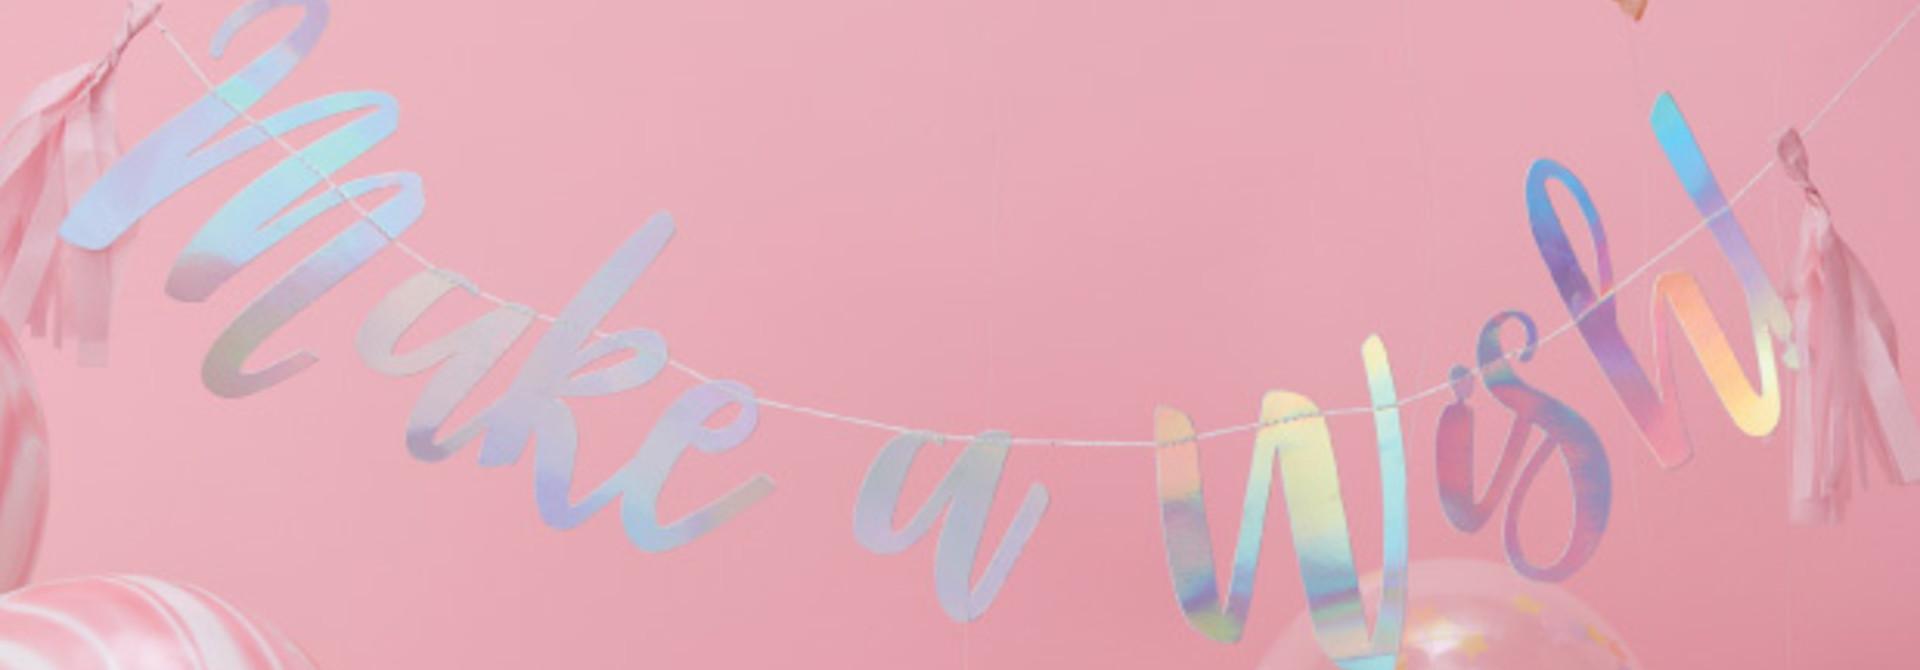 Make a wish slinger - Ginger Ray